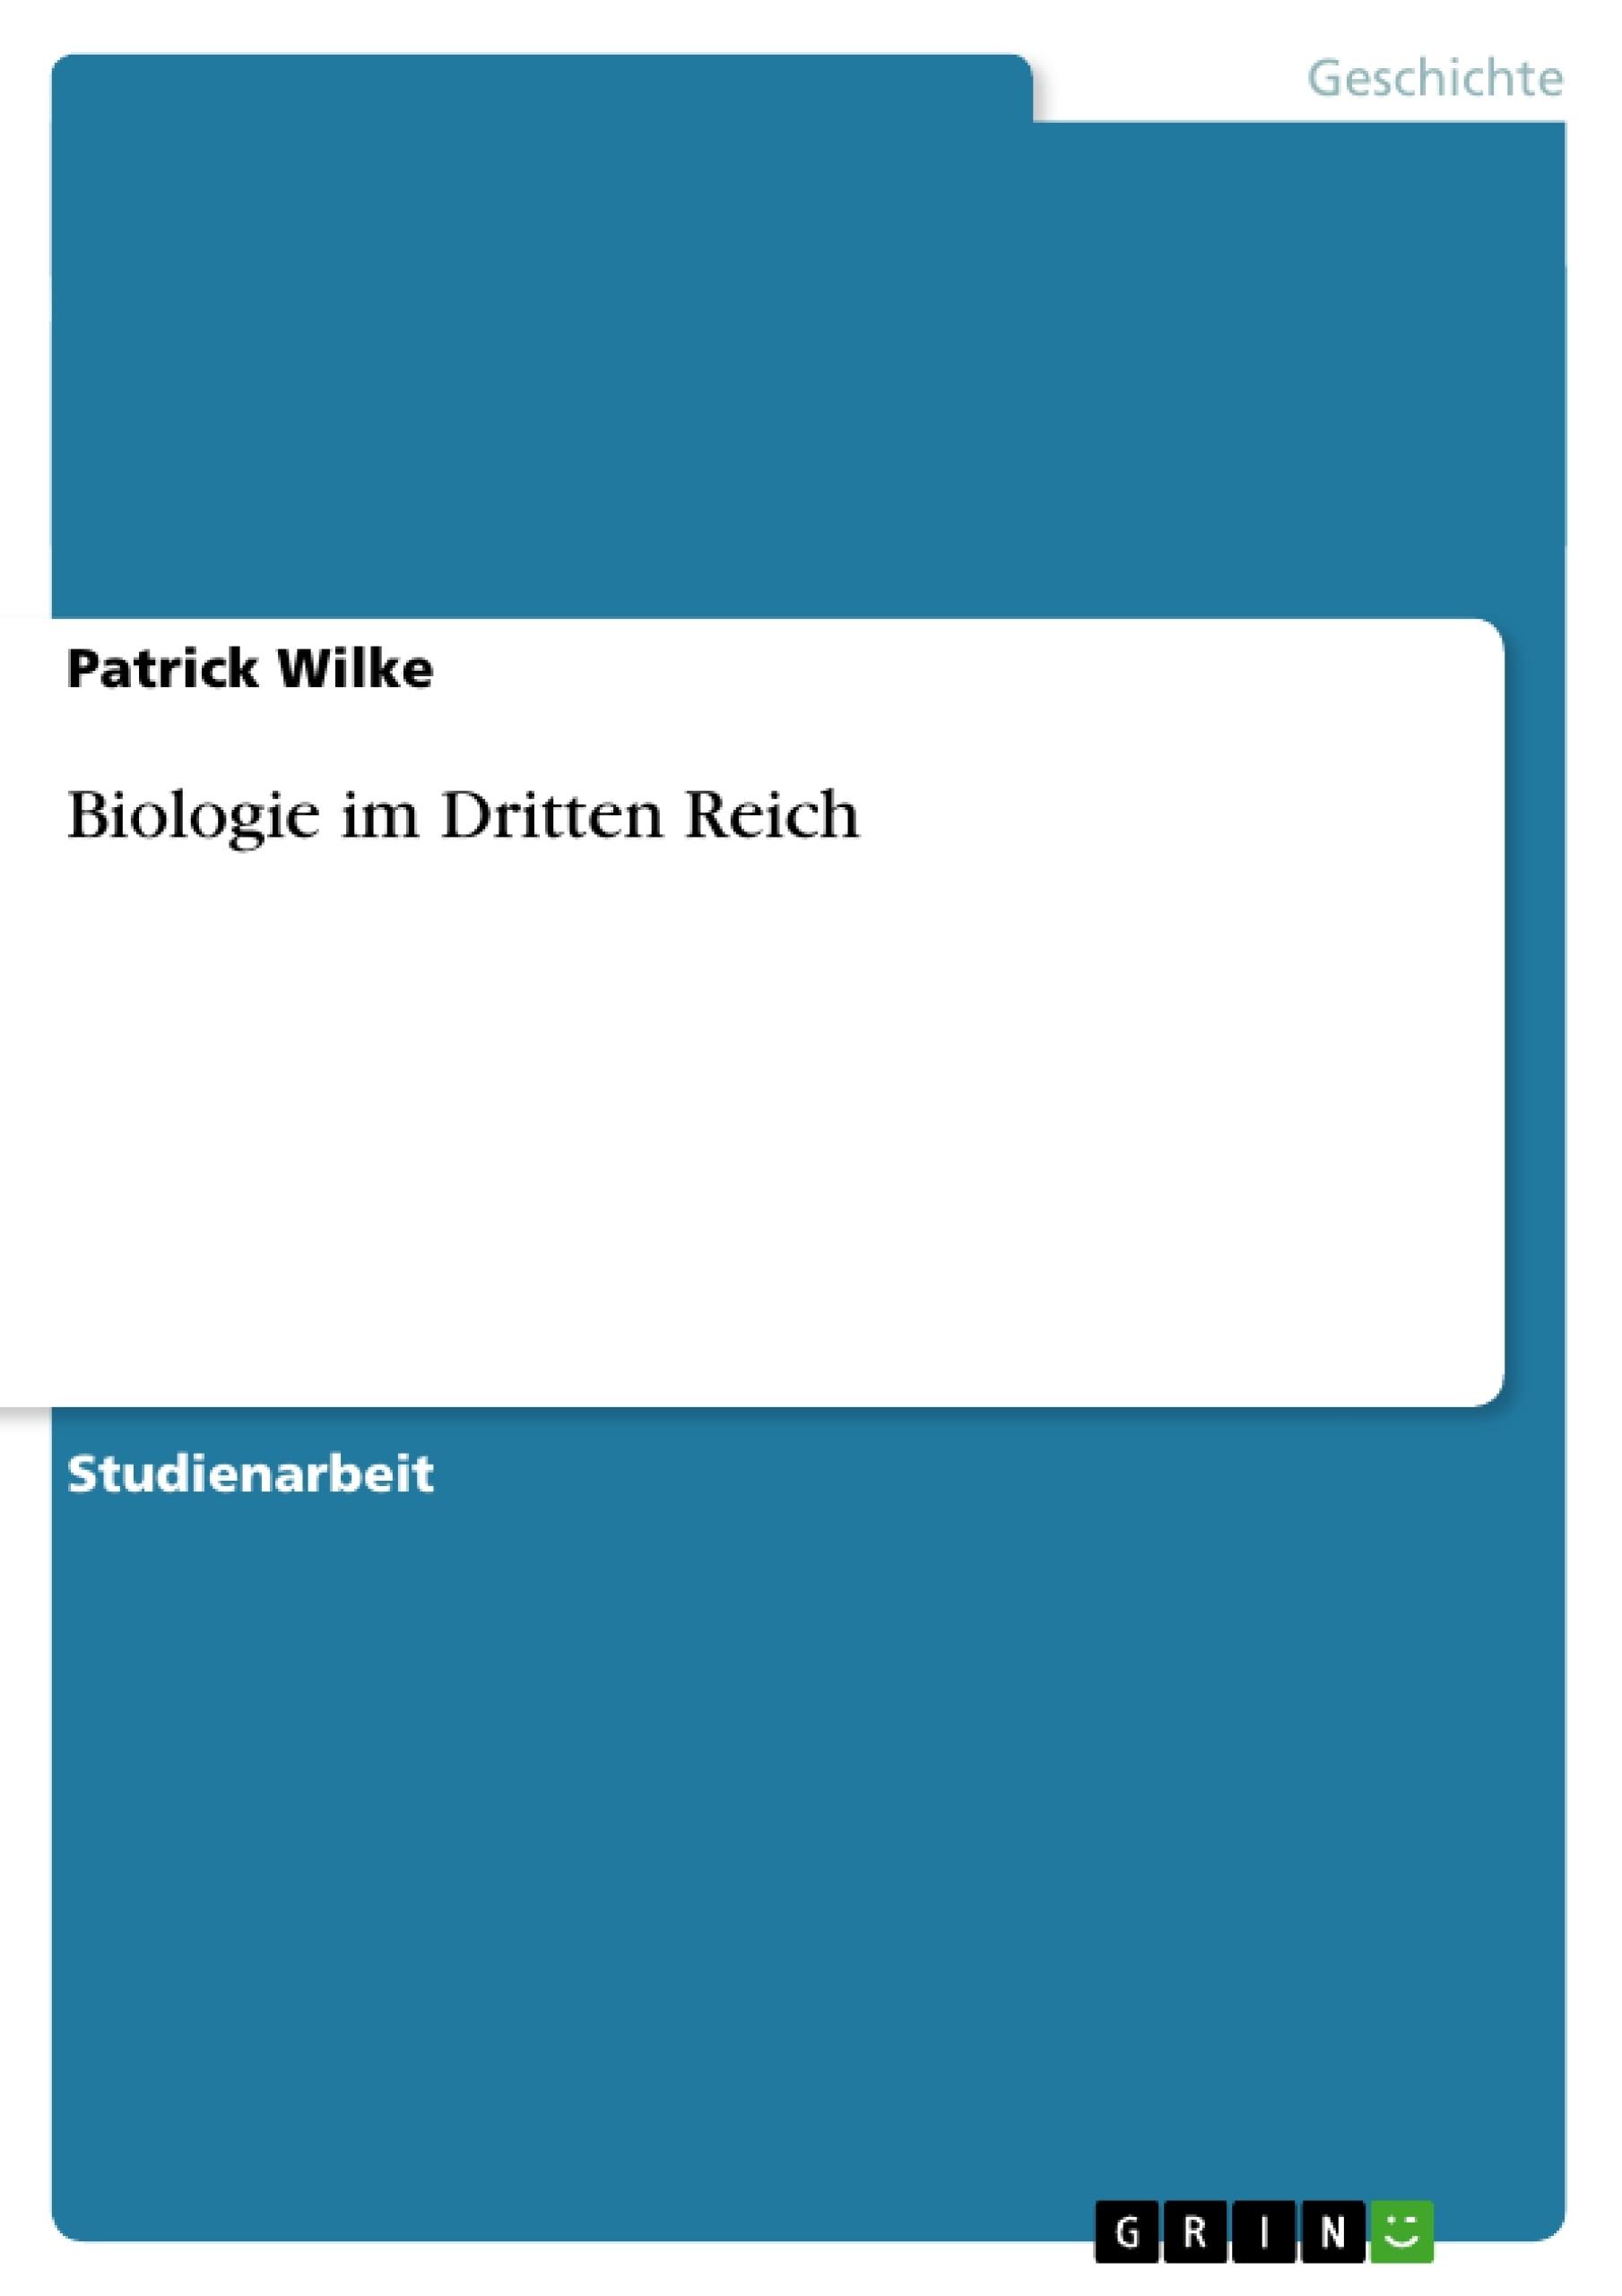 Titel: Biologie im Dritten Reich